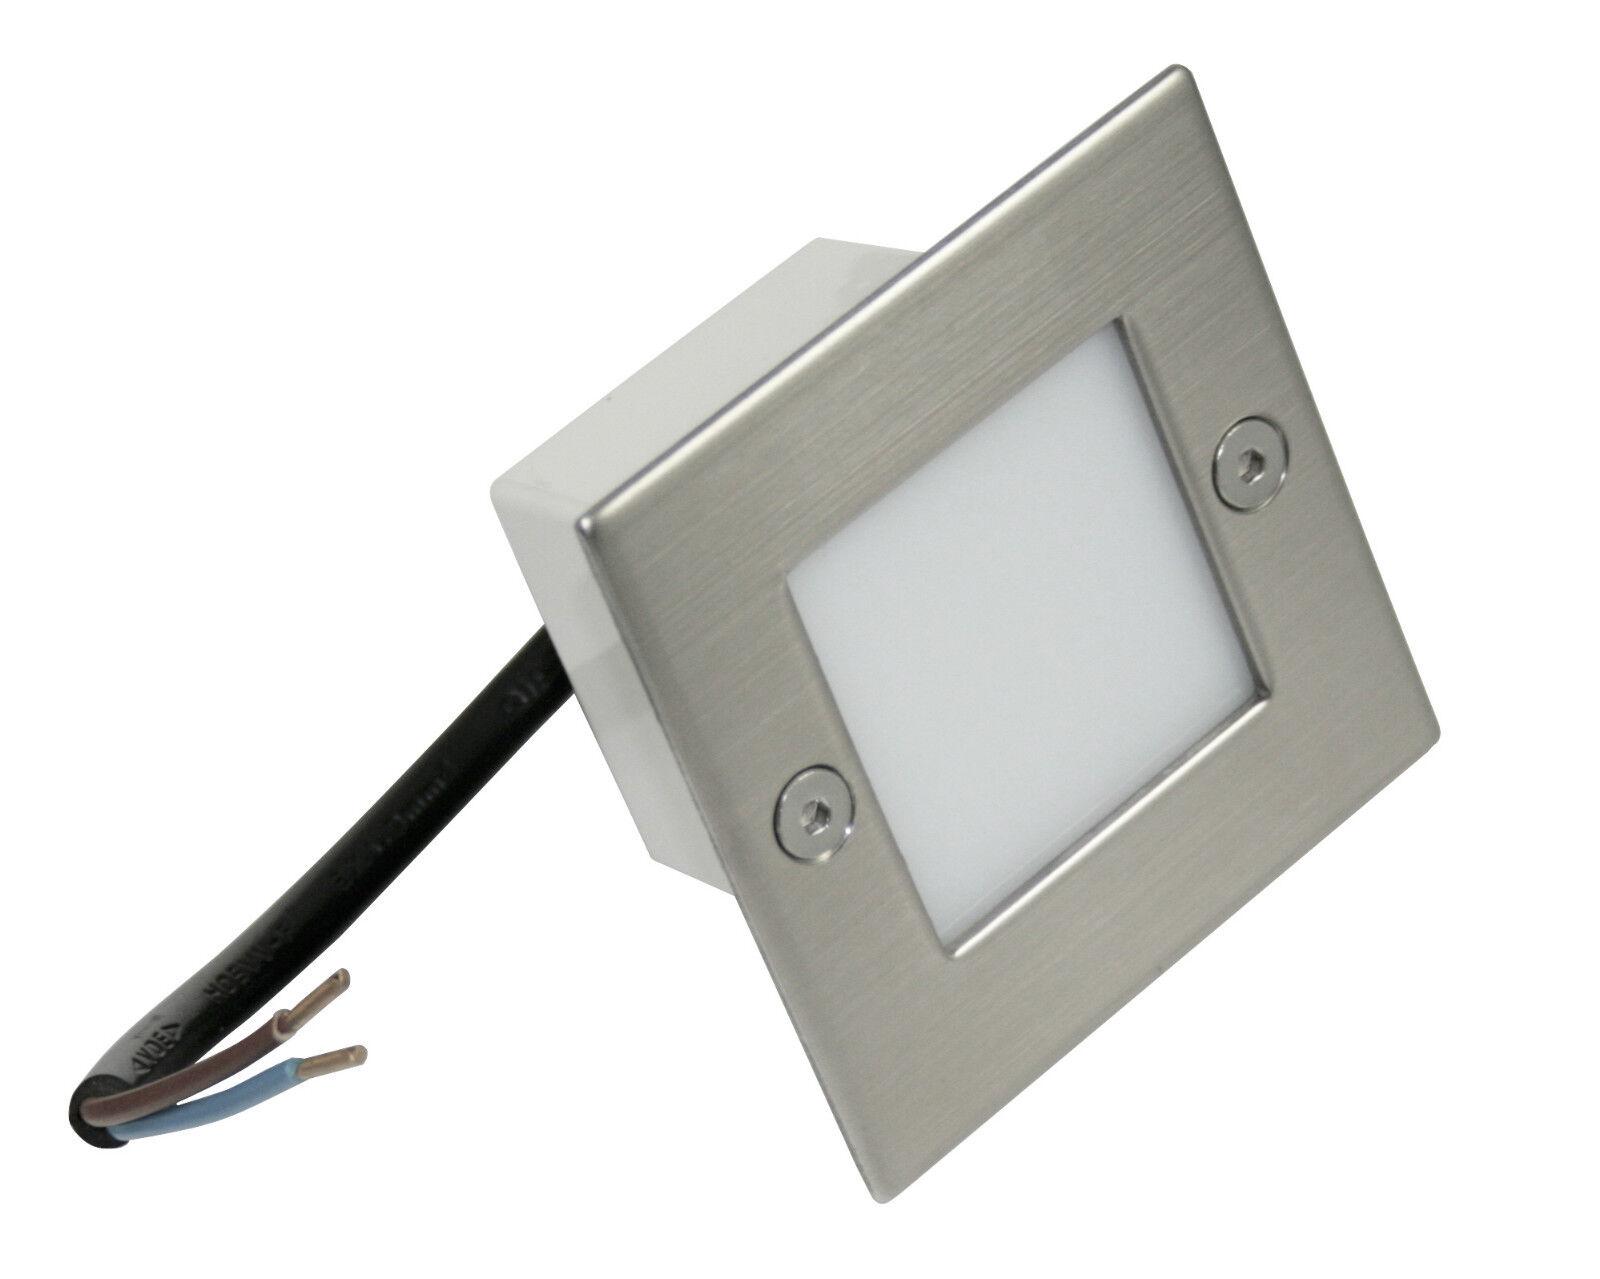 230V LED Einbaustrahler Royal 1,5 W Innen & Aussen IP54 Nass.- Feuchtraum HV